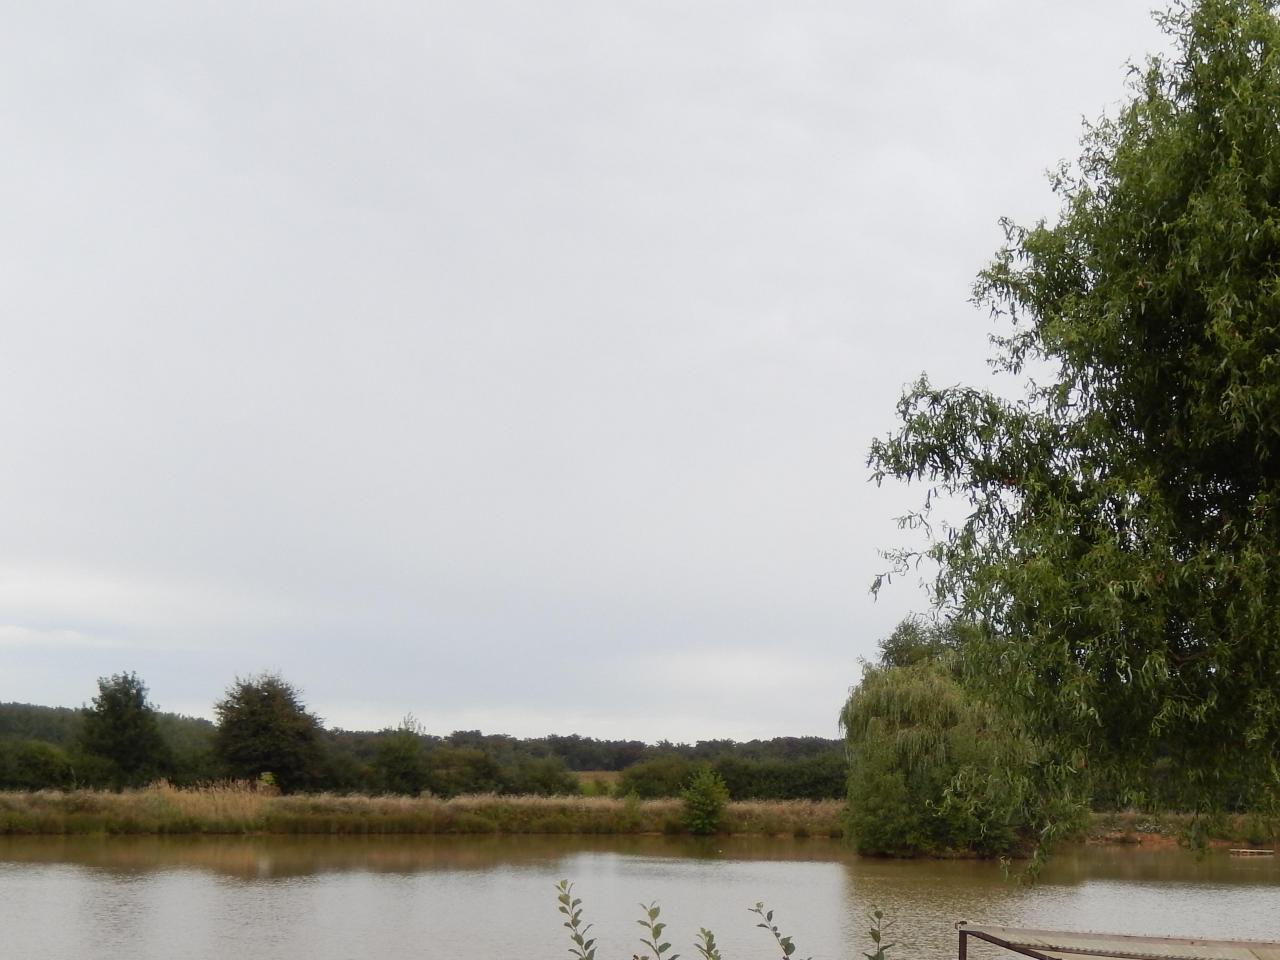 2013-08-25 GérardB560